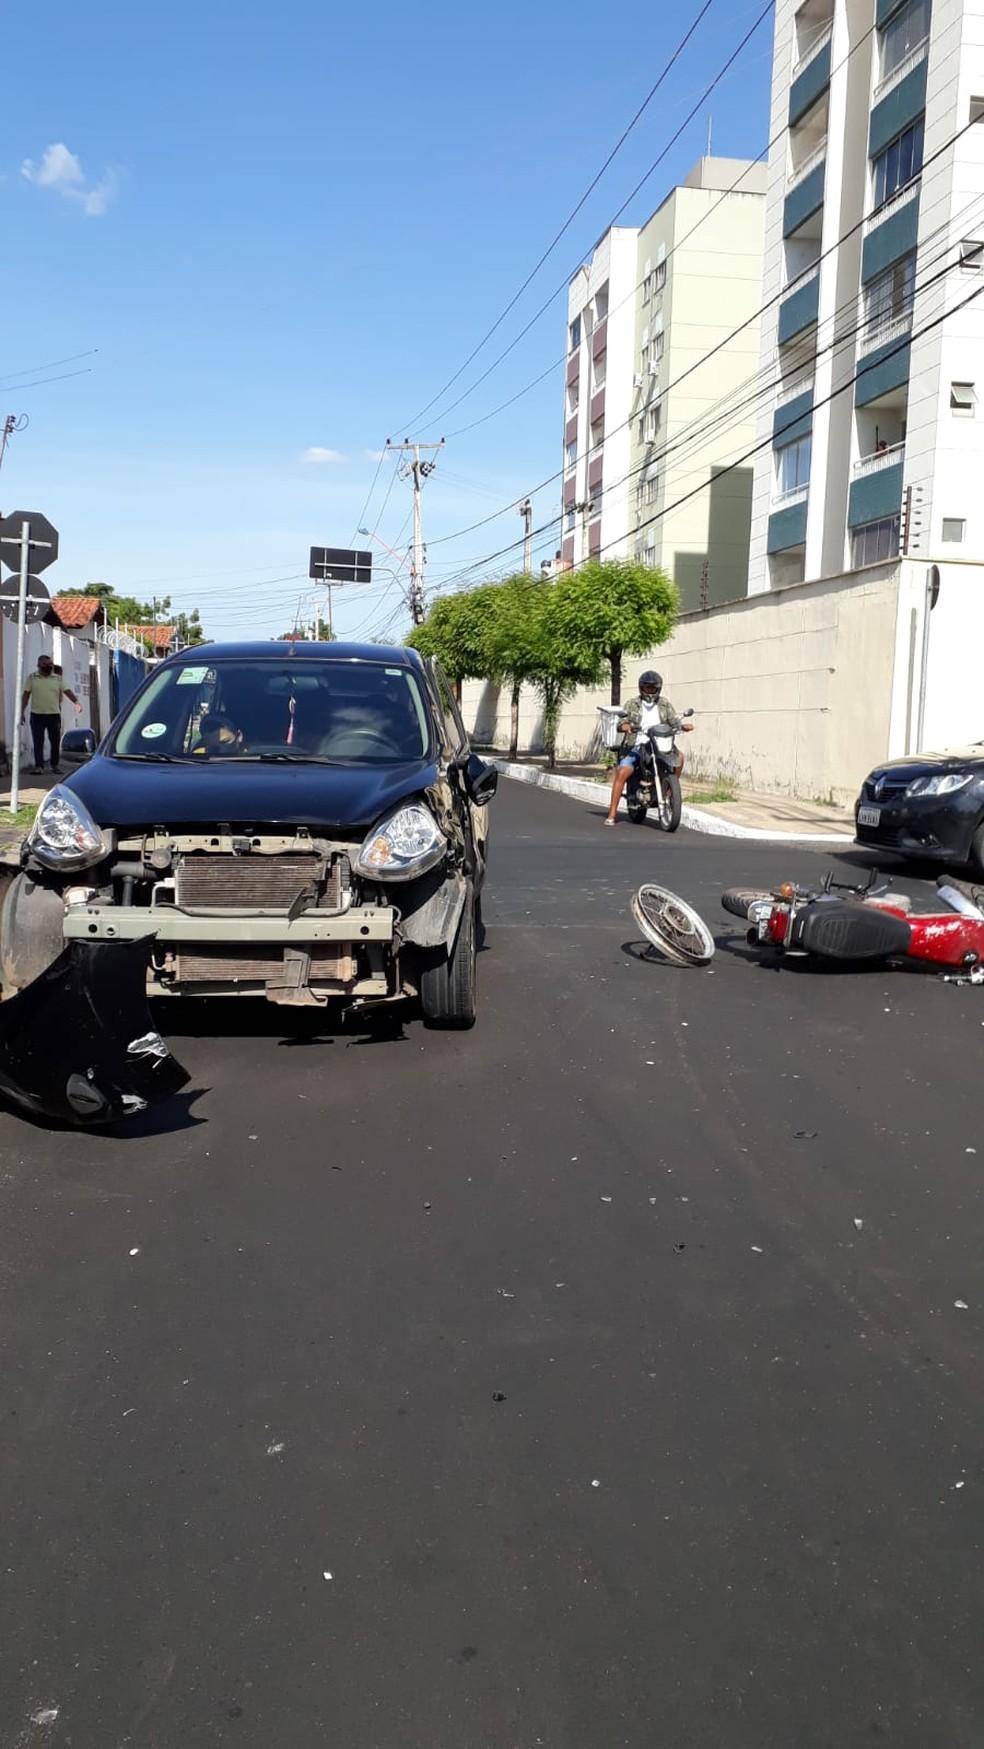 Motociclista fica ferido após acidente em cruzamento na Zona Leste de Teresina, nessa quarta-feira (13) — Foto: Nunci Santos